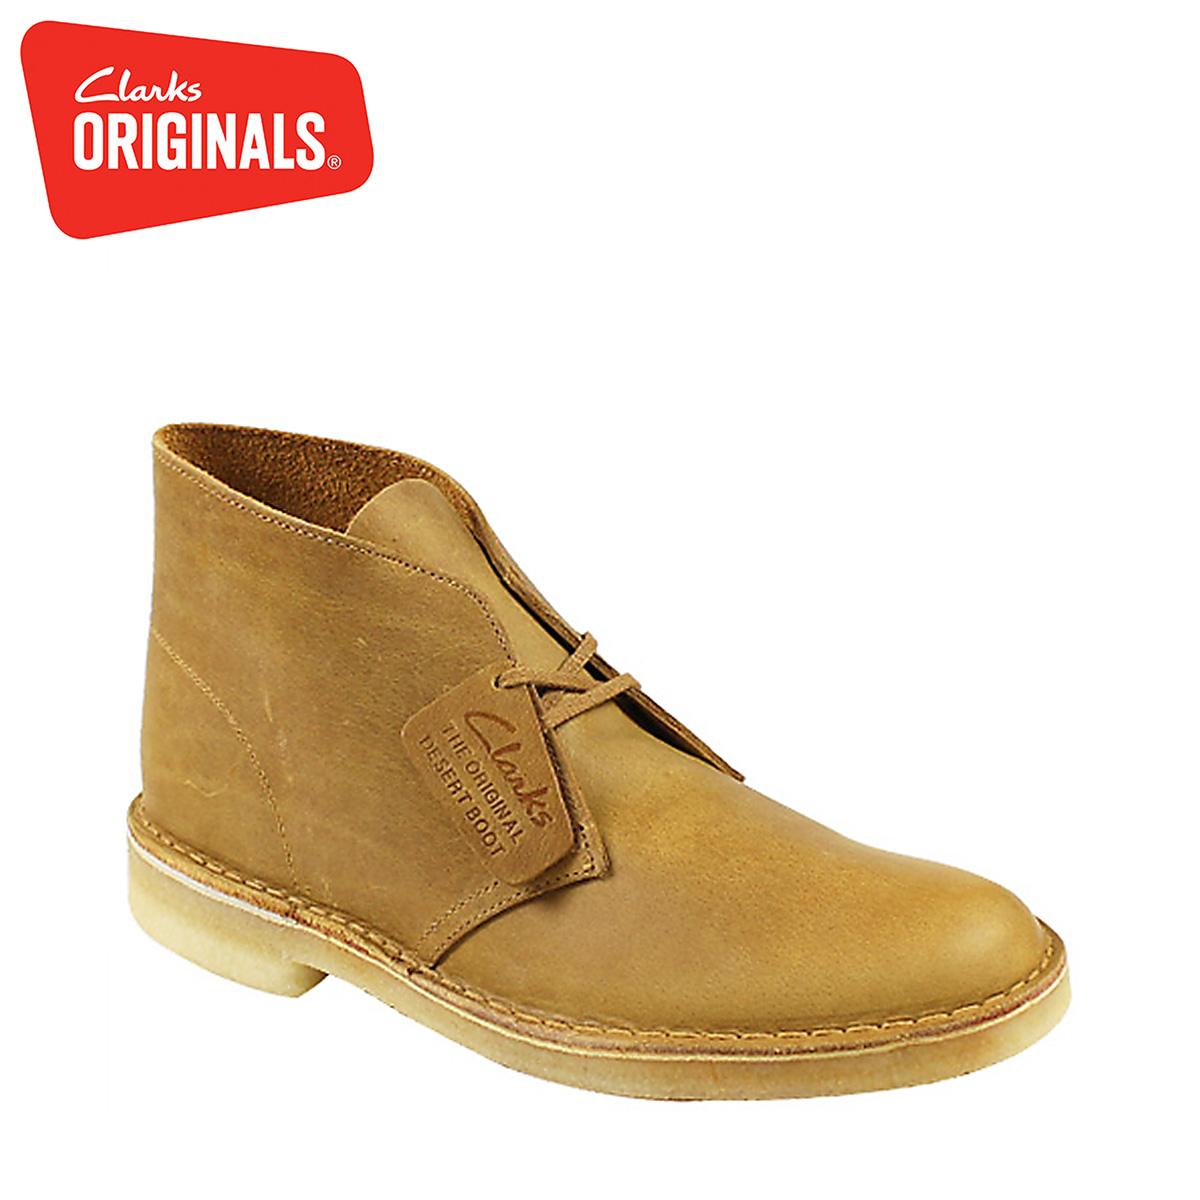 d15a8d6d7bc Clarks ORIGINALS kulaki originals desert boots DESERT BOOT M Wise 26108405  men